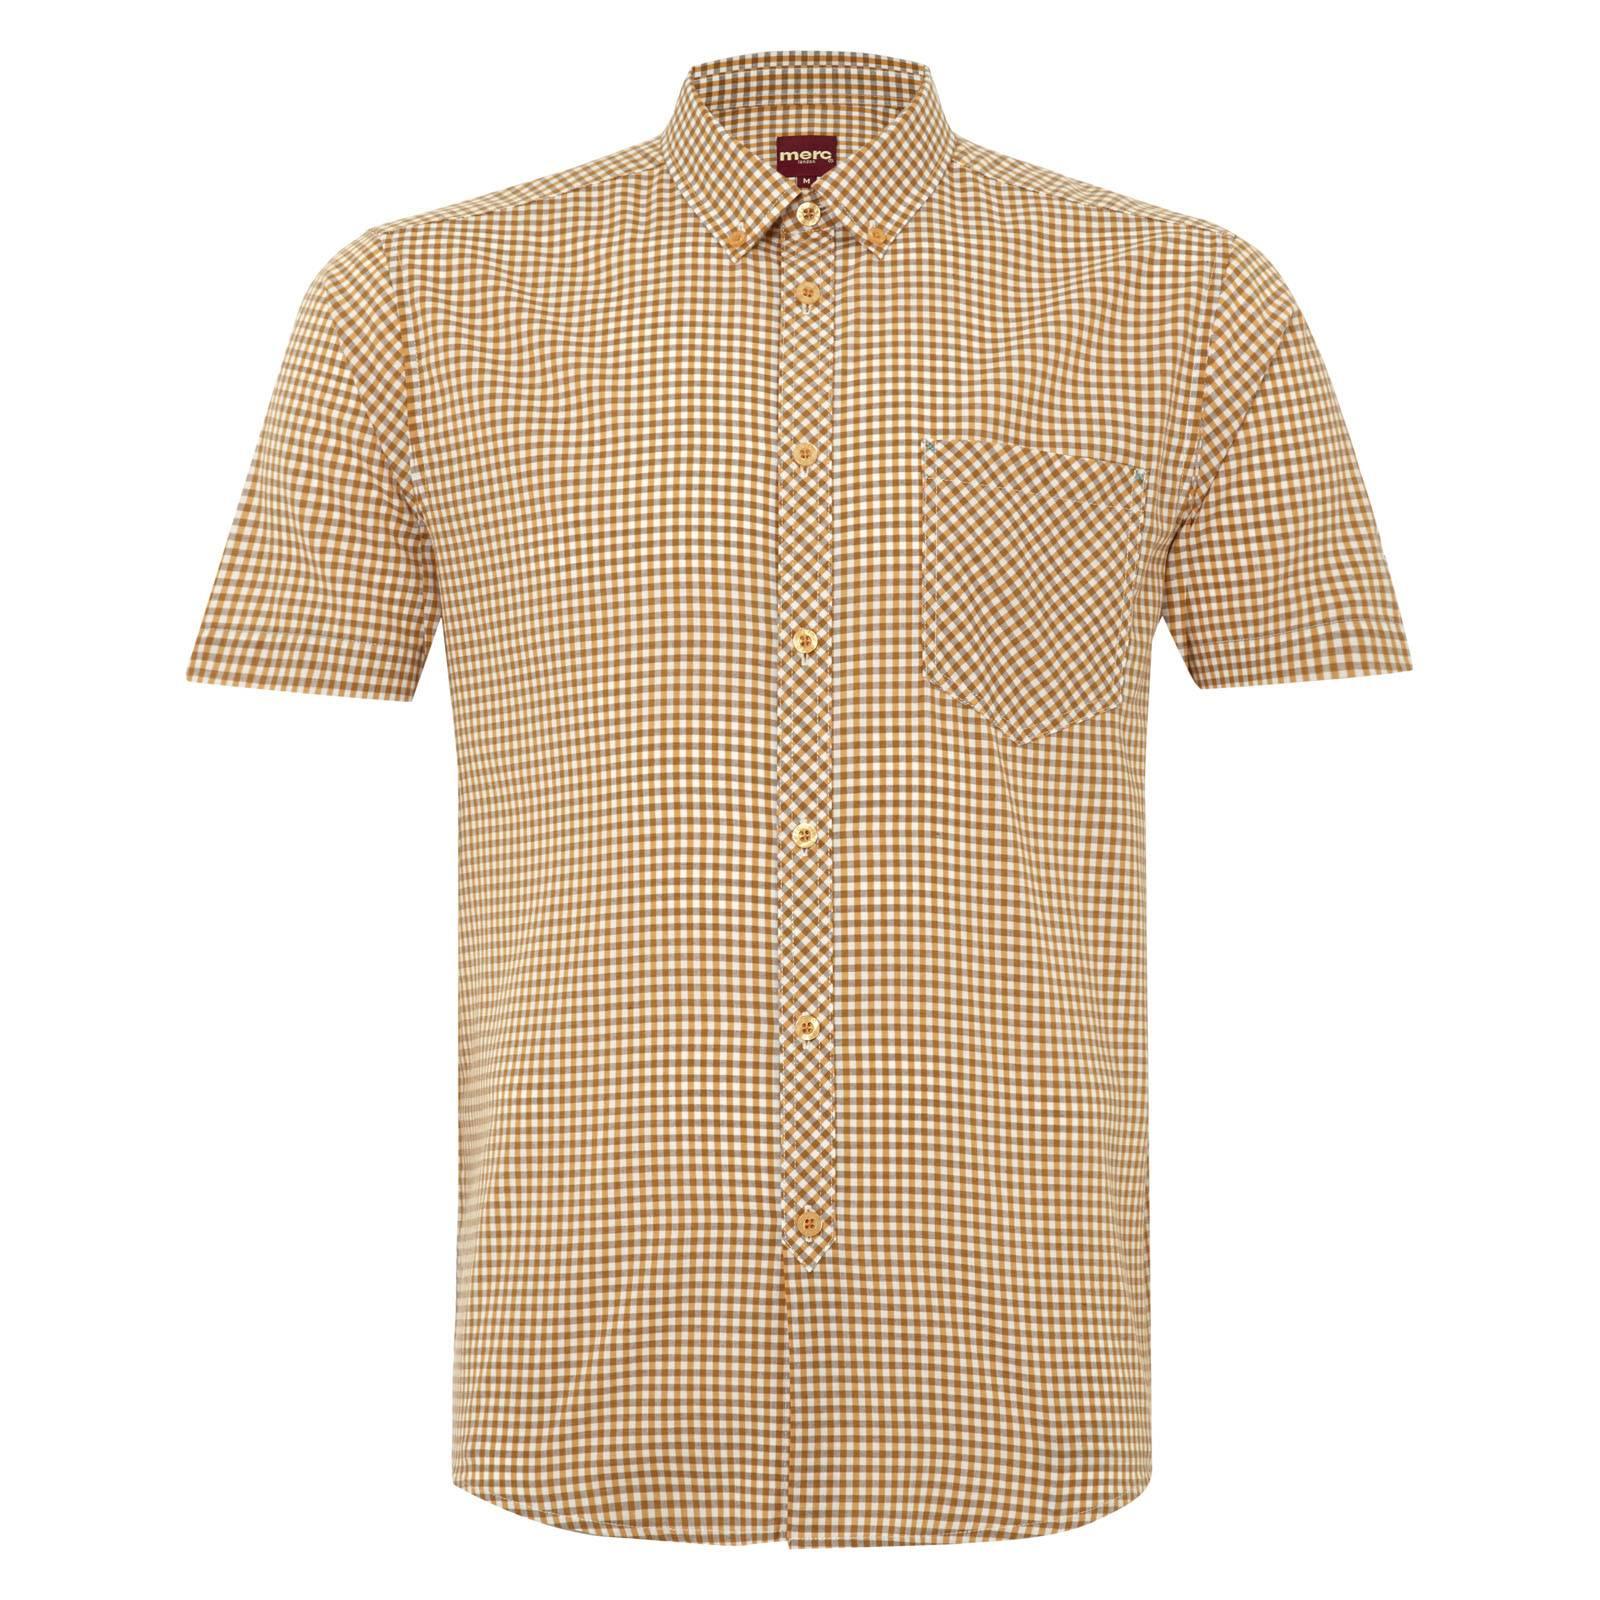 Рубашка MoralesС коротким рукавом<br>Приталенная рубашка с воротником button-down в классическую английскую клетку &amp;amp;quot;gingham&amp;amp;quot;. Клетчатый узор на нагрудном кармане и планке для пуговиц имеет отличную от остальной части продольную структуру, что выделяет его на общем фоне и вносит разнообразие в традиционный орнамент.&amp;lt;br /&amp;gt;<br>&amp;lt;br /&amp;gt;<br>Фигурный низ изделия предполагает ношение навыпуск, но эту рубашку можно также заправлять в брюки или шорты, сочетая с коричневым ремнем и укороченными дезертами.&amp;lt;br /&amp;gt;<br>&amp;lt;br /&amp;gt;<br>Светлые, жизнерадостные тона сорочки прекрасно вписываются в весенне-летний look.<br><br>Артикул: 1514110<br>Материал: 100% хлопок<br>Цвет: оранжевый<br>Пол: Мужской